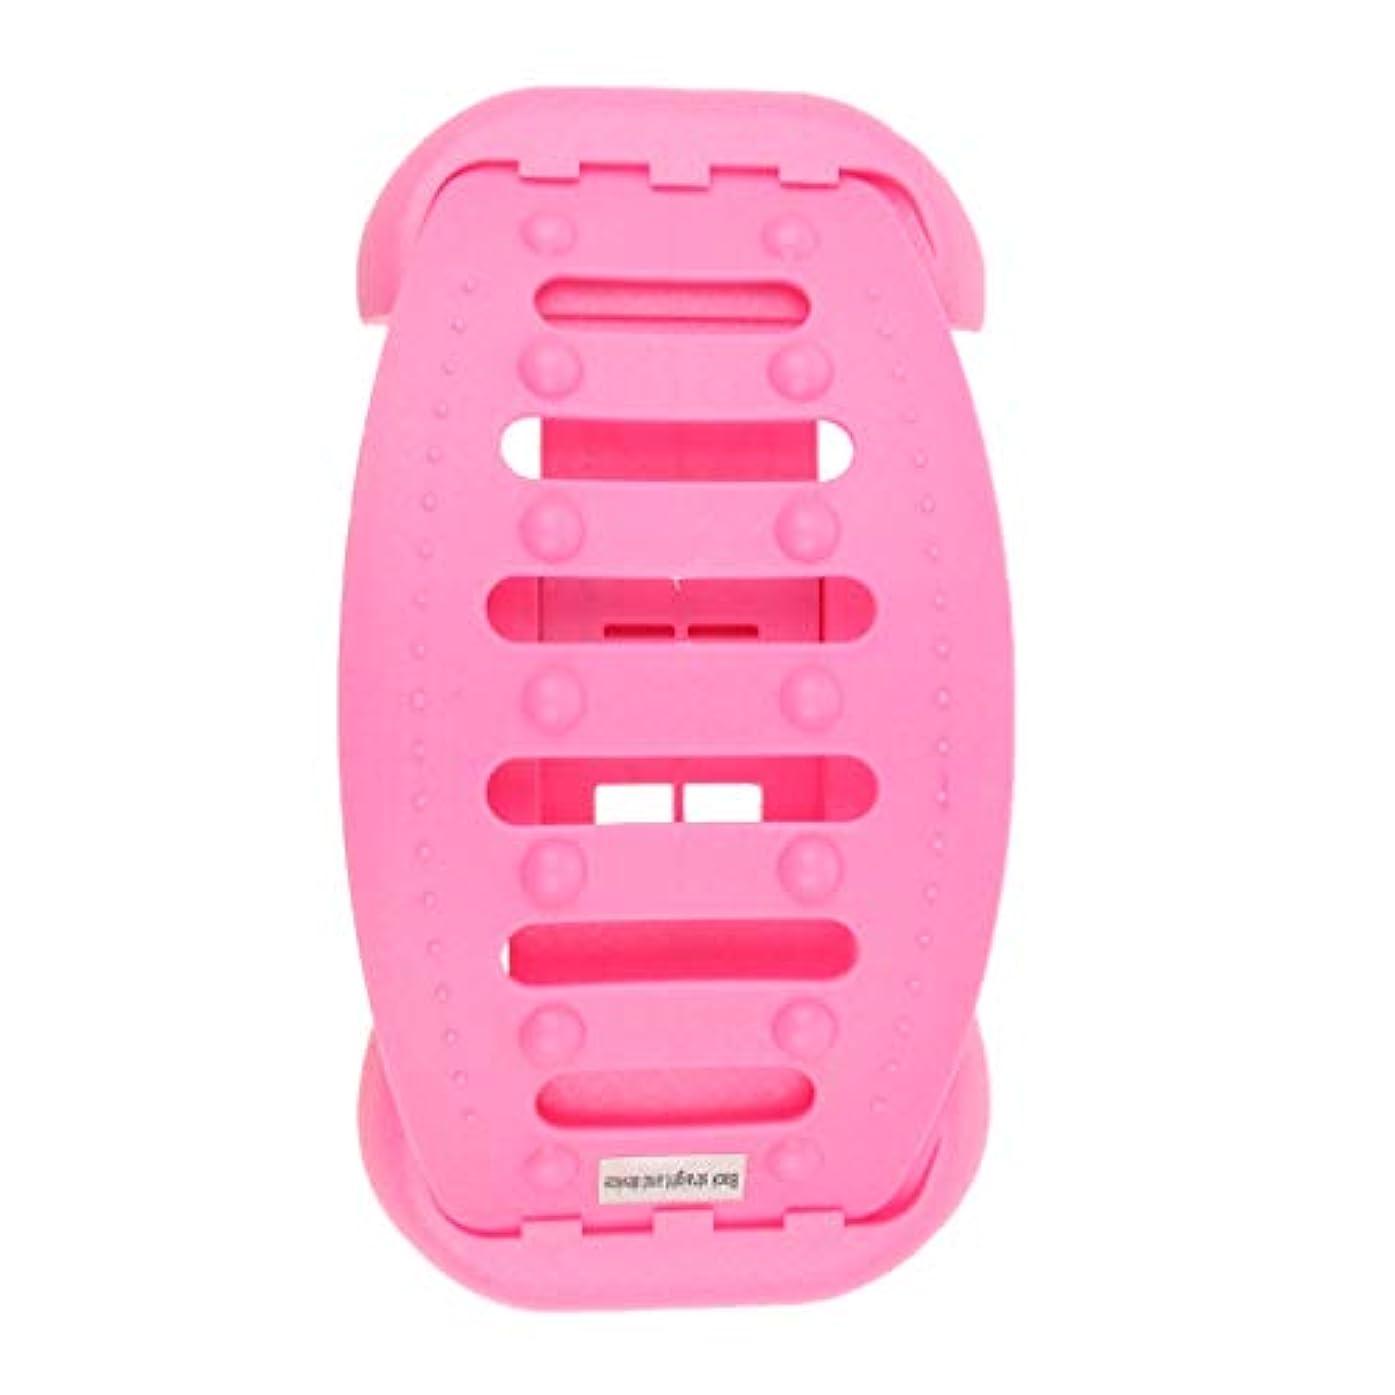 姿を消すプロペラちょうつがいバックストレッチャー 背中 ストレッチャー ストレッチ装置 サポート 高重量容量 全2色 - ピンク